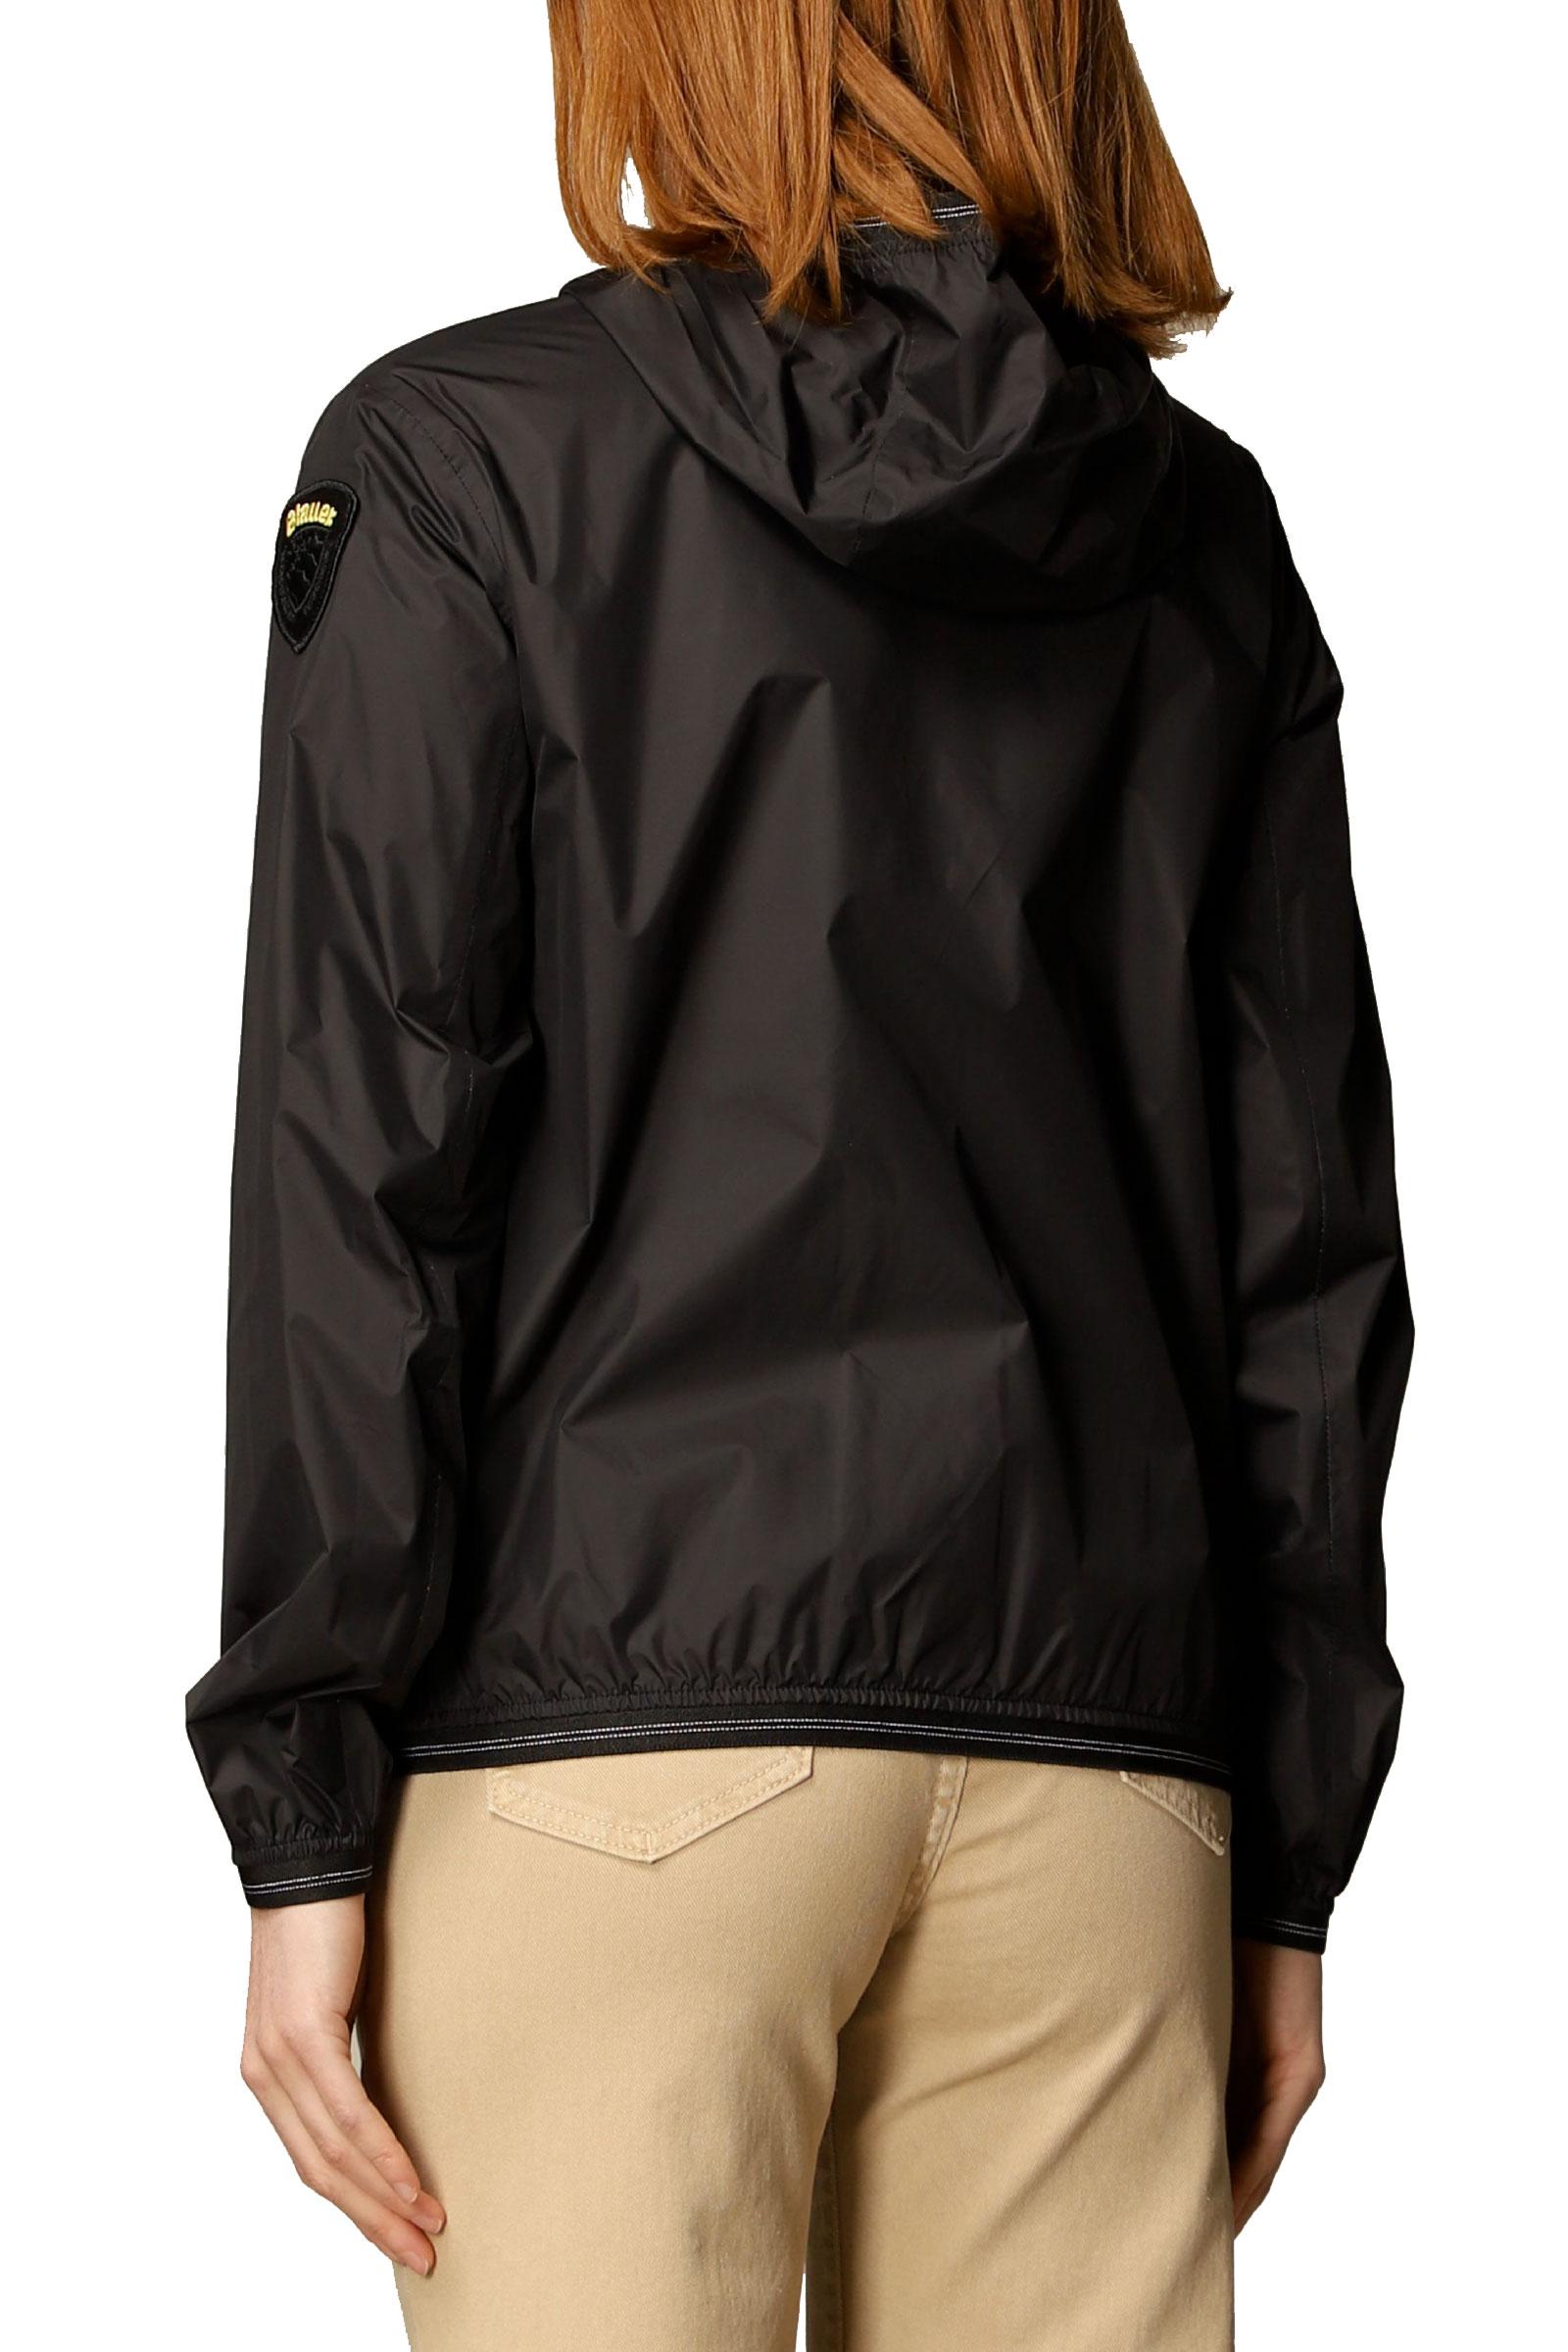 BLAUER Jacket Woman BLAUER | Jacket | 21SBLDC04369999